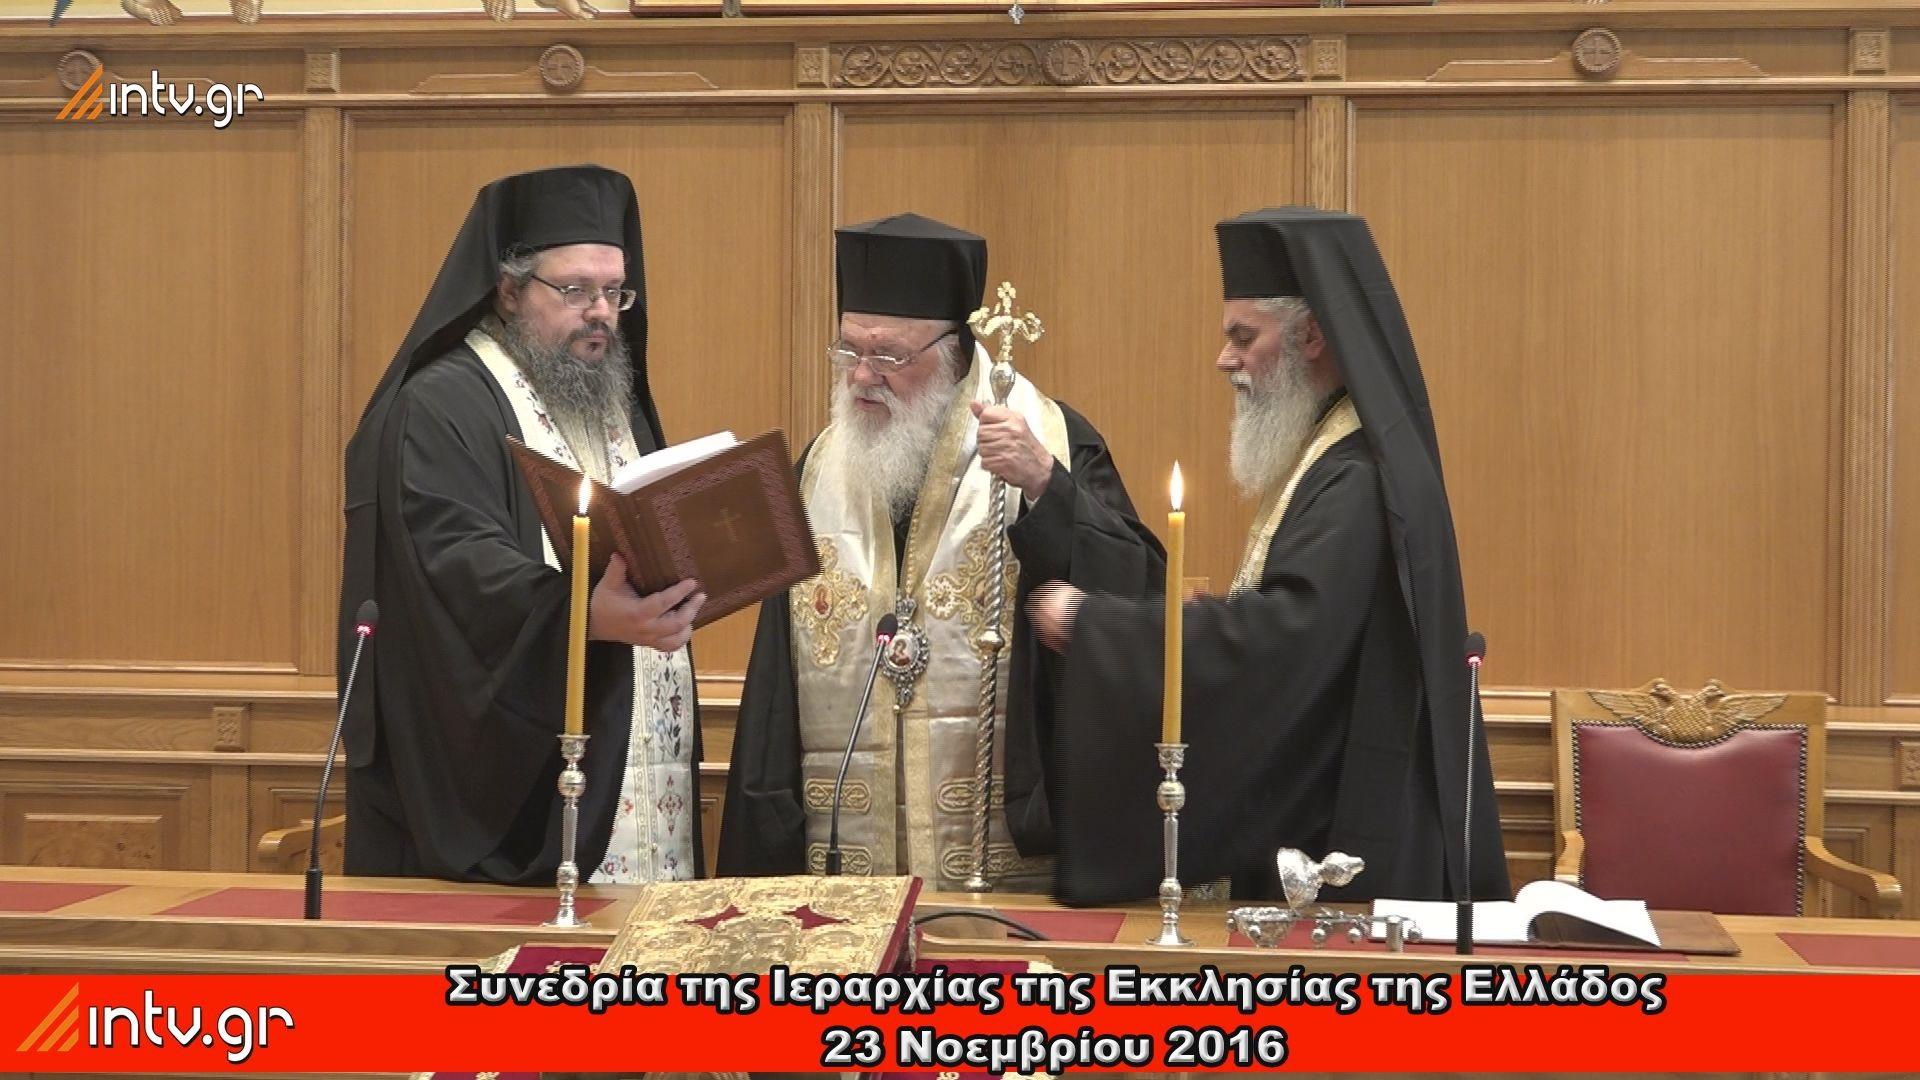 Ιεραρχία της Εκκλησίας της Ελλάδος   23-11-2016